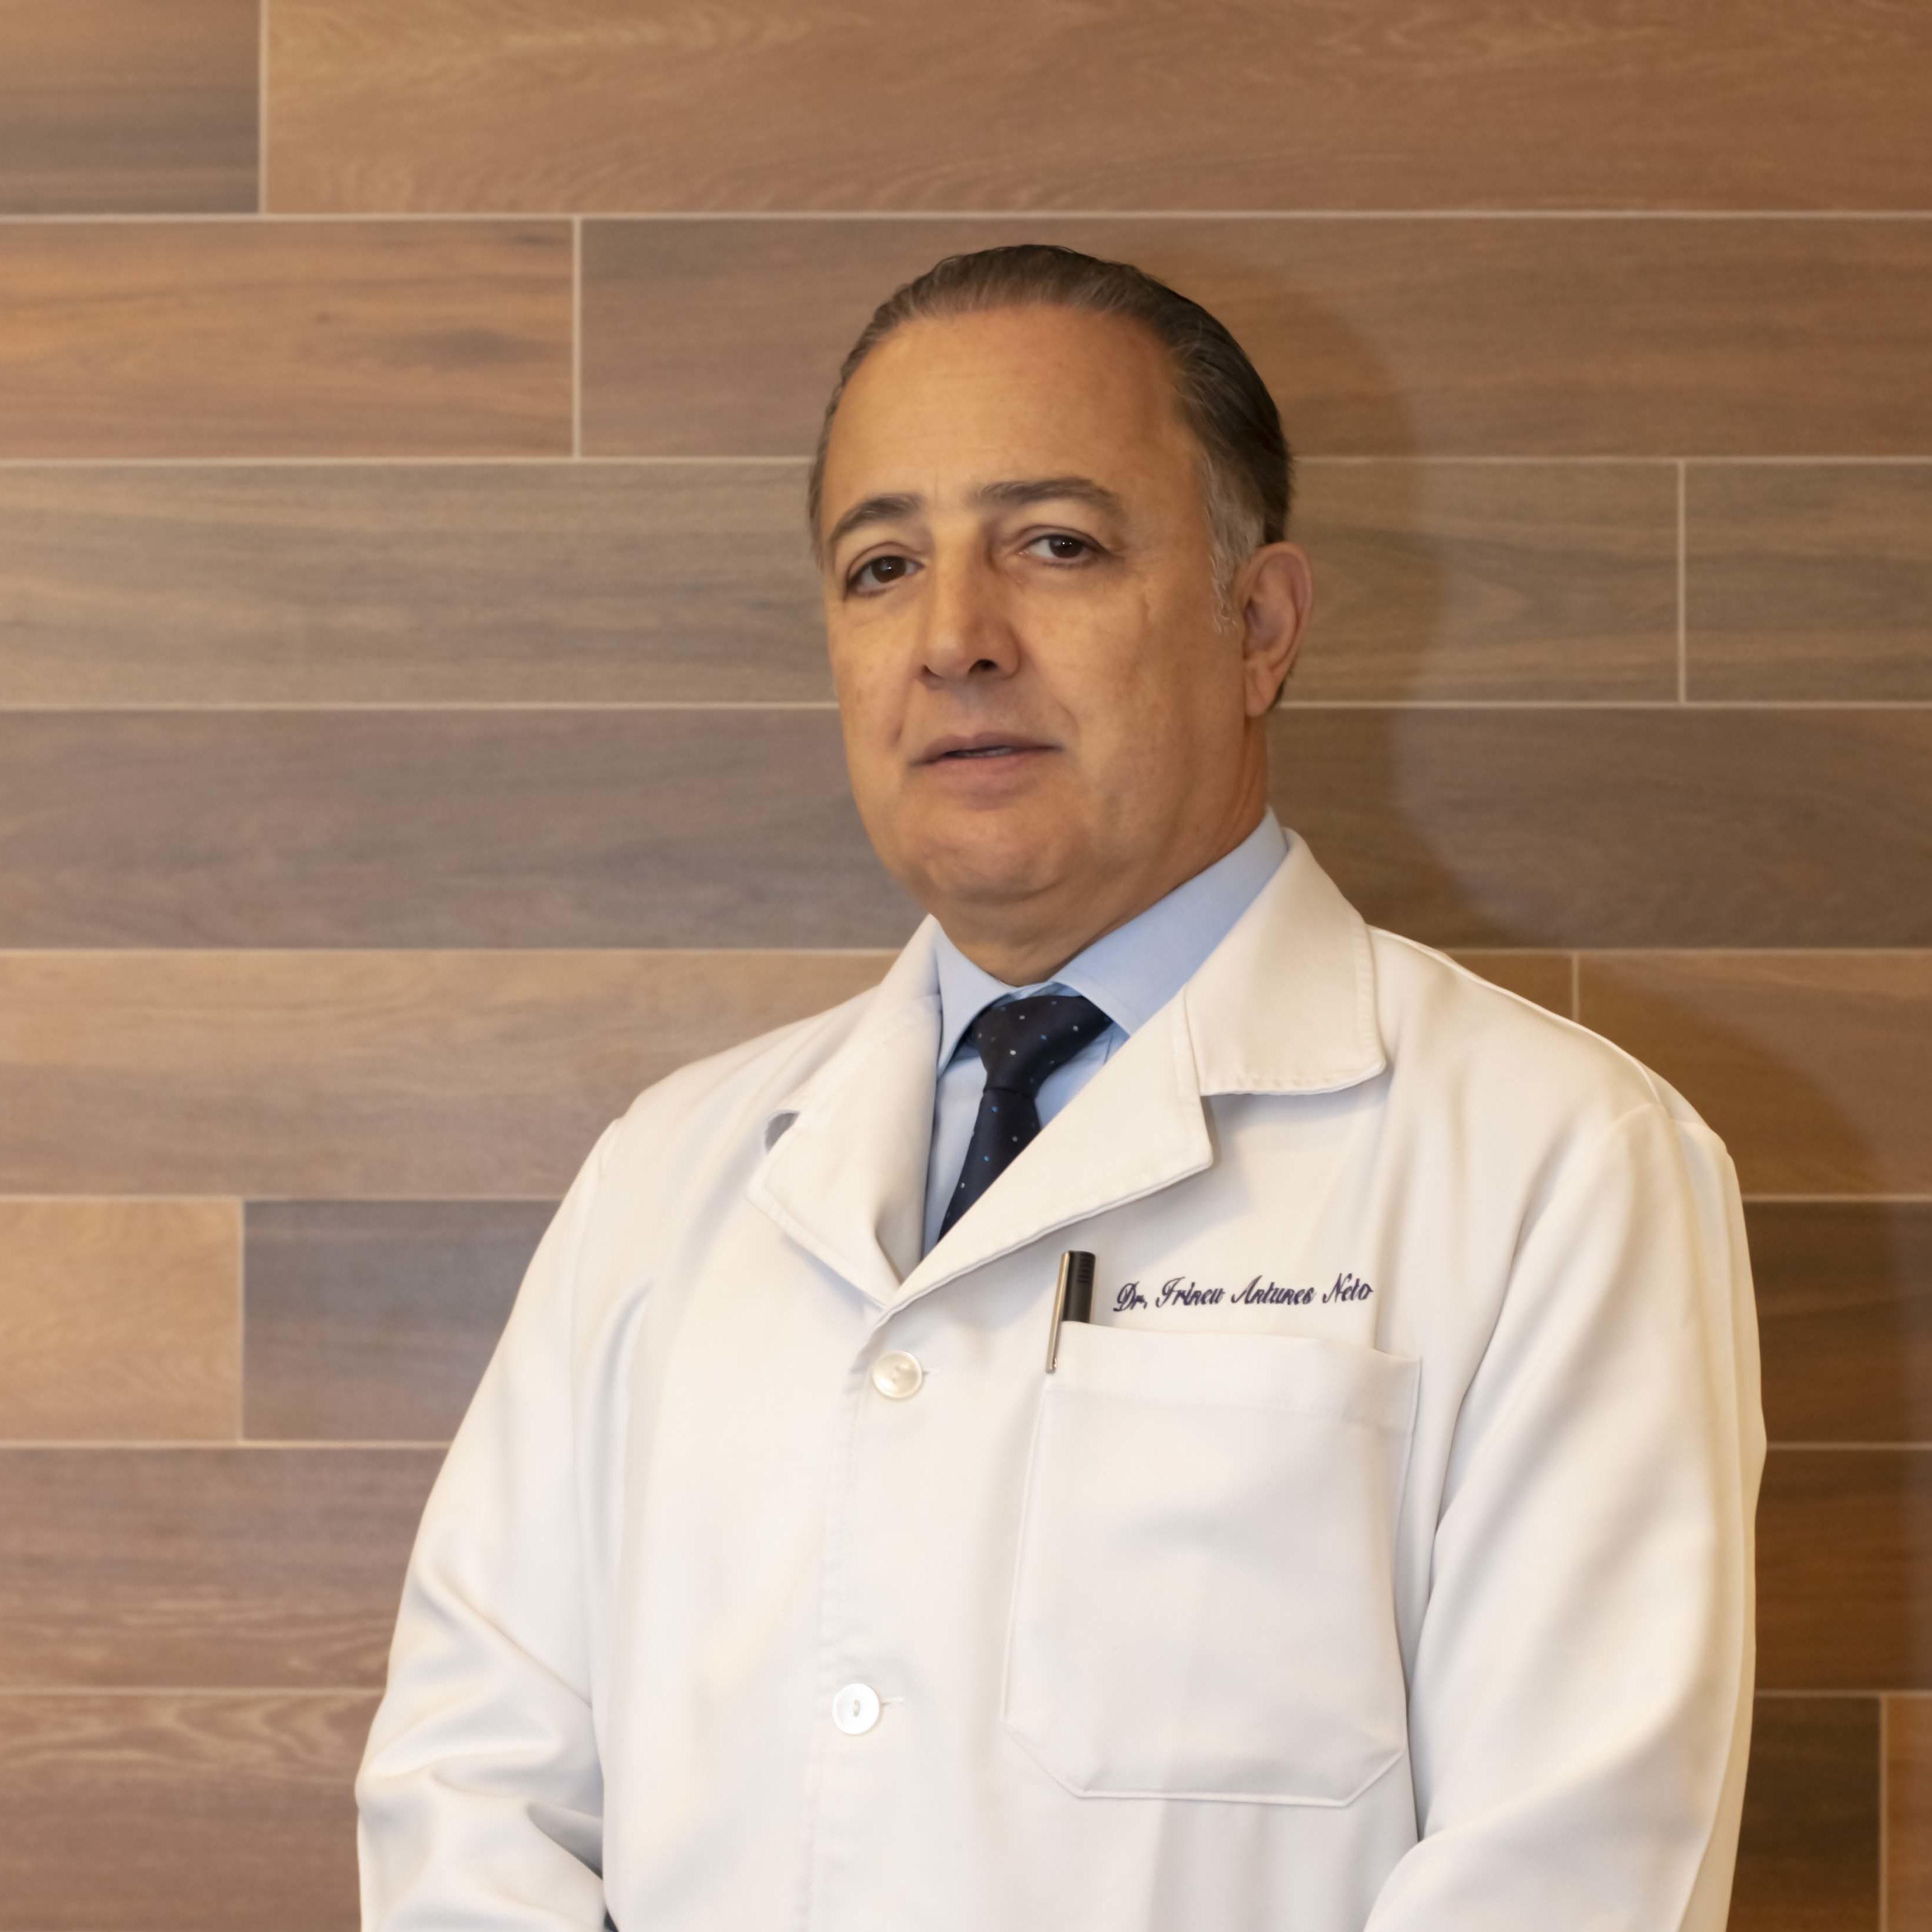 Dr. Irineu Antunes Neto (CRM 5.199)